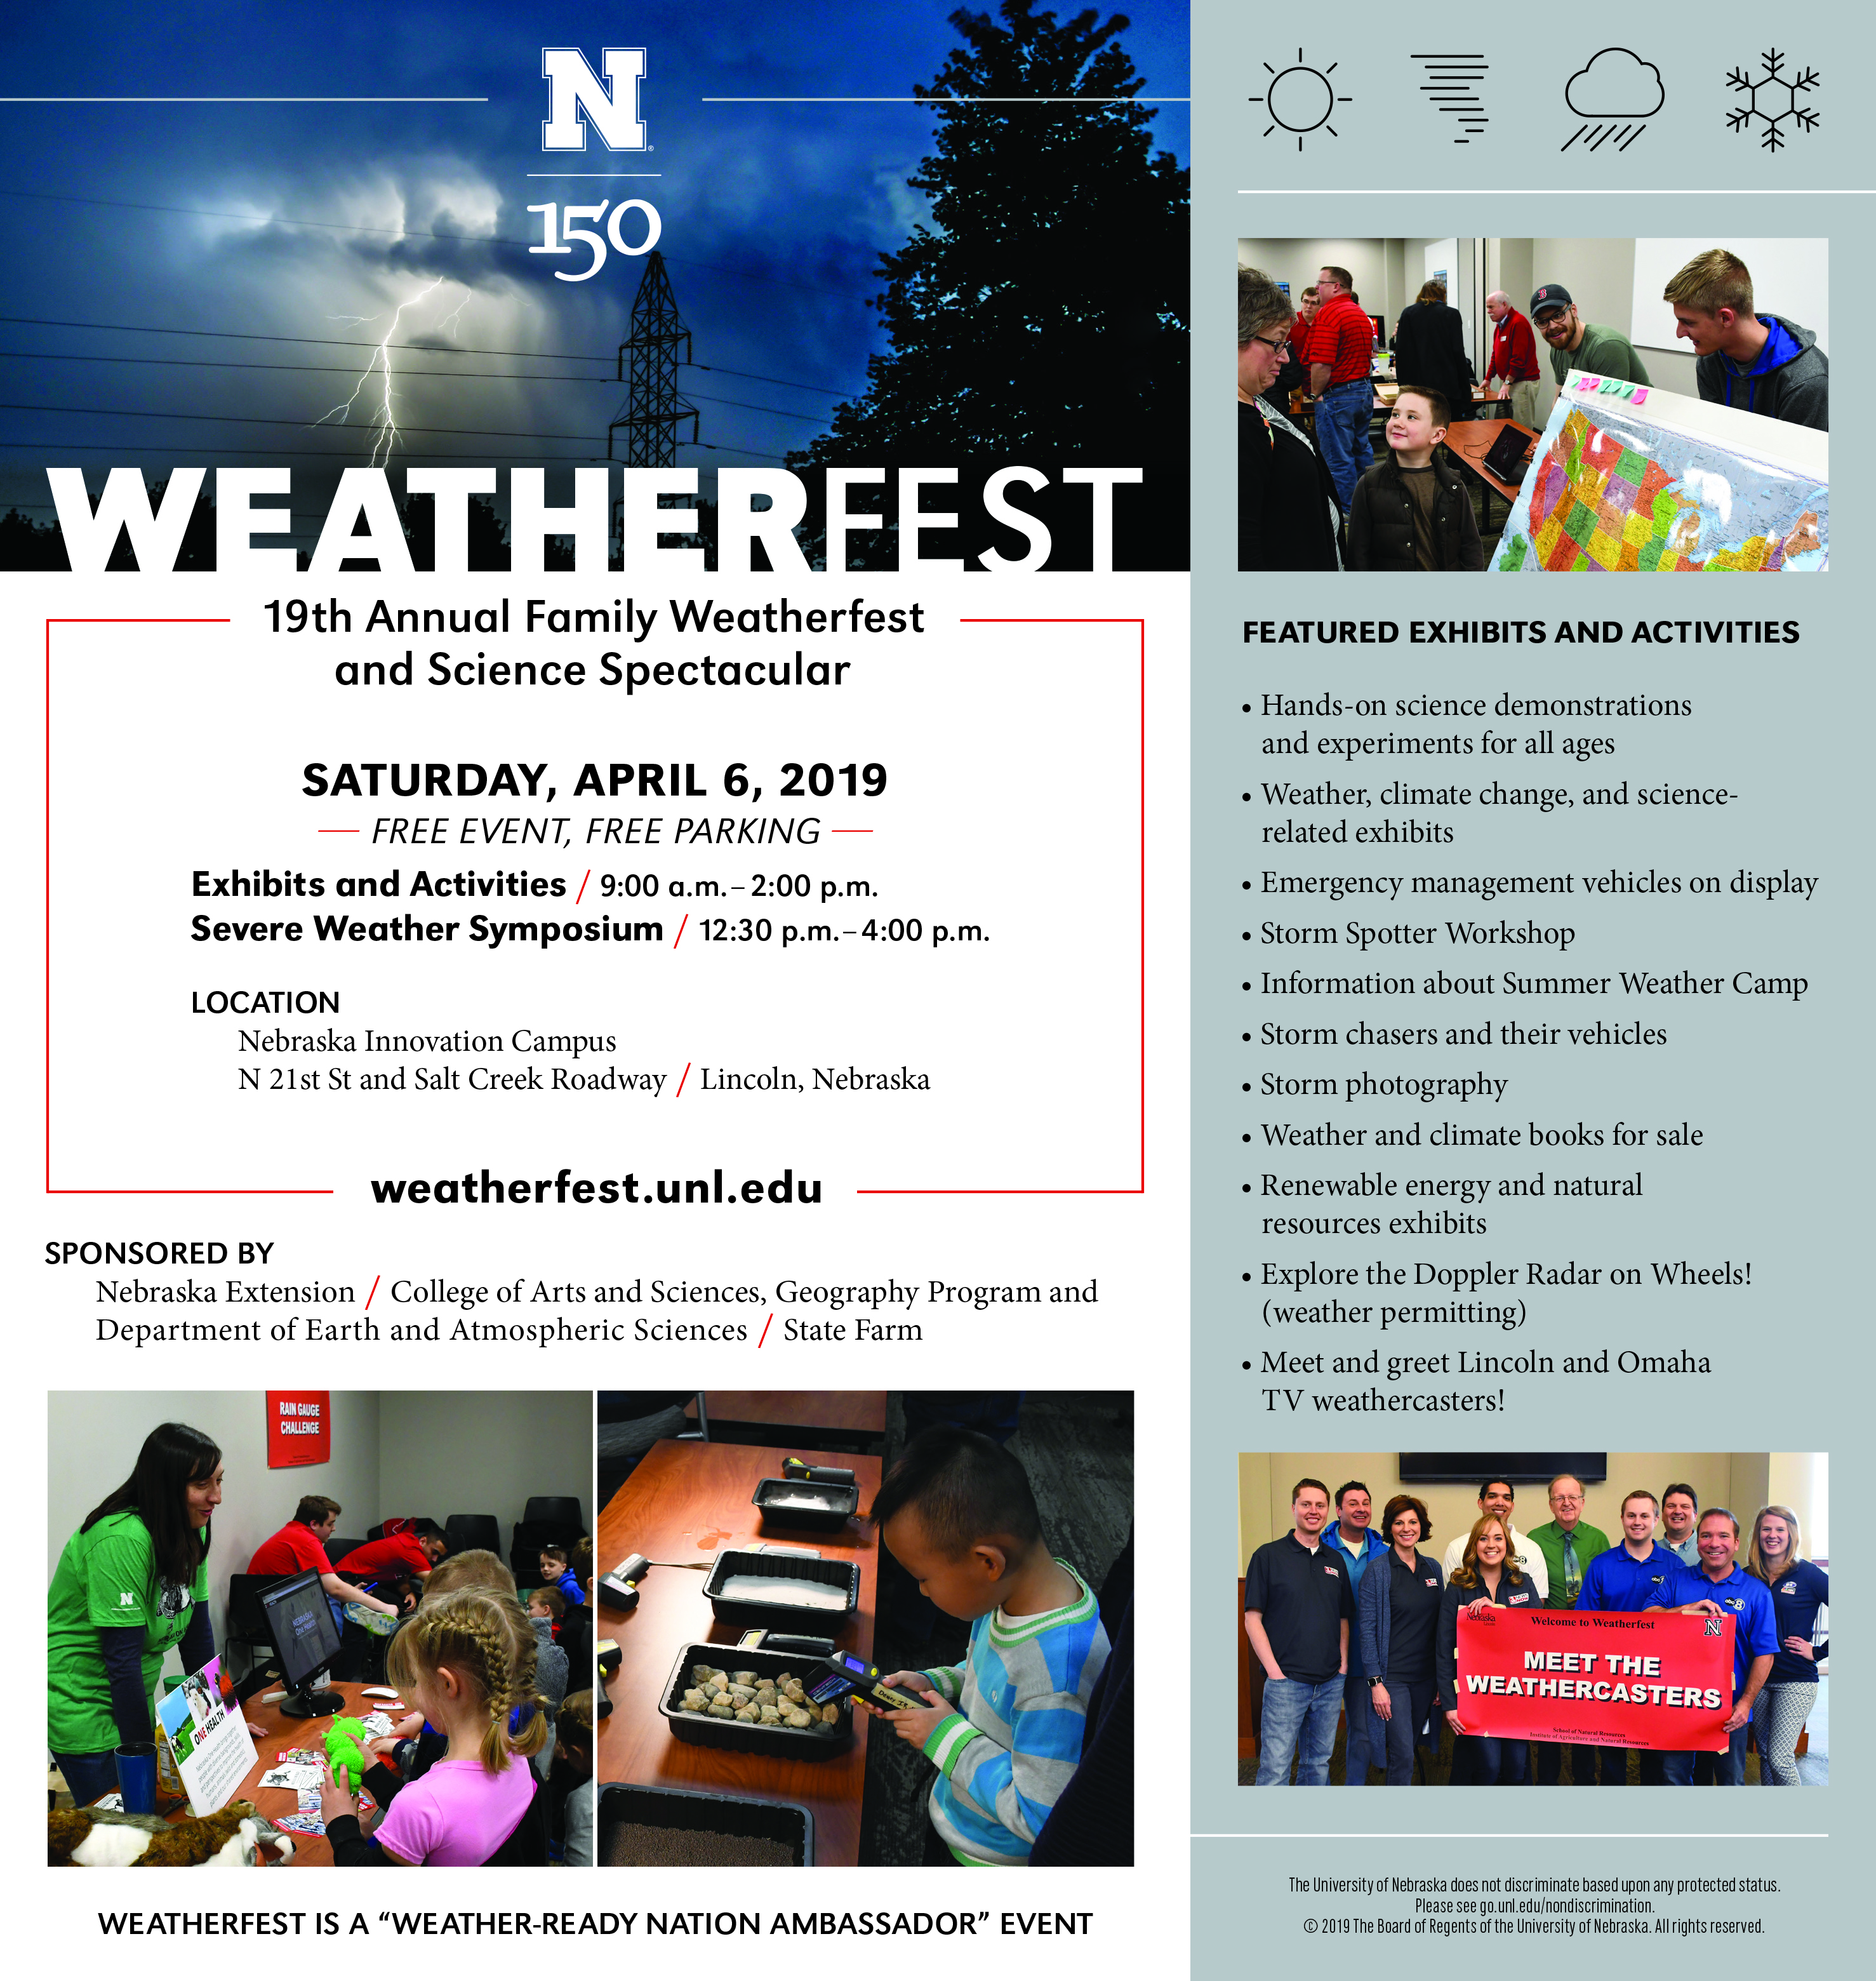 Weatherfest is set for April 6, 2019, at Nebraska Innovation Campus.